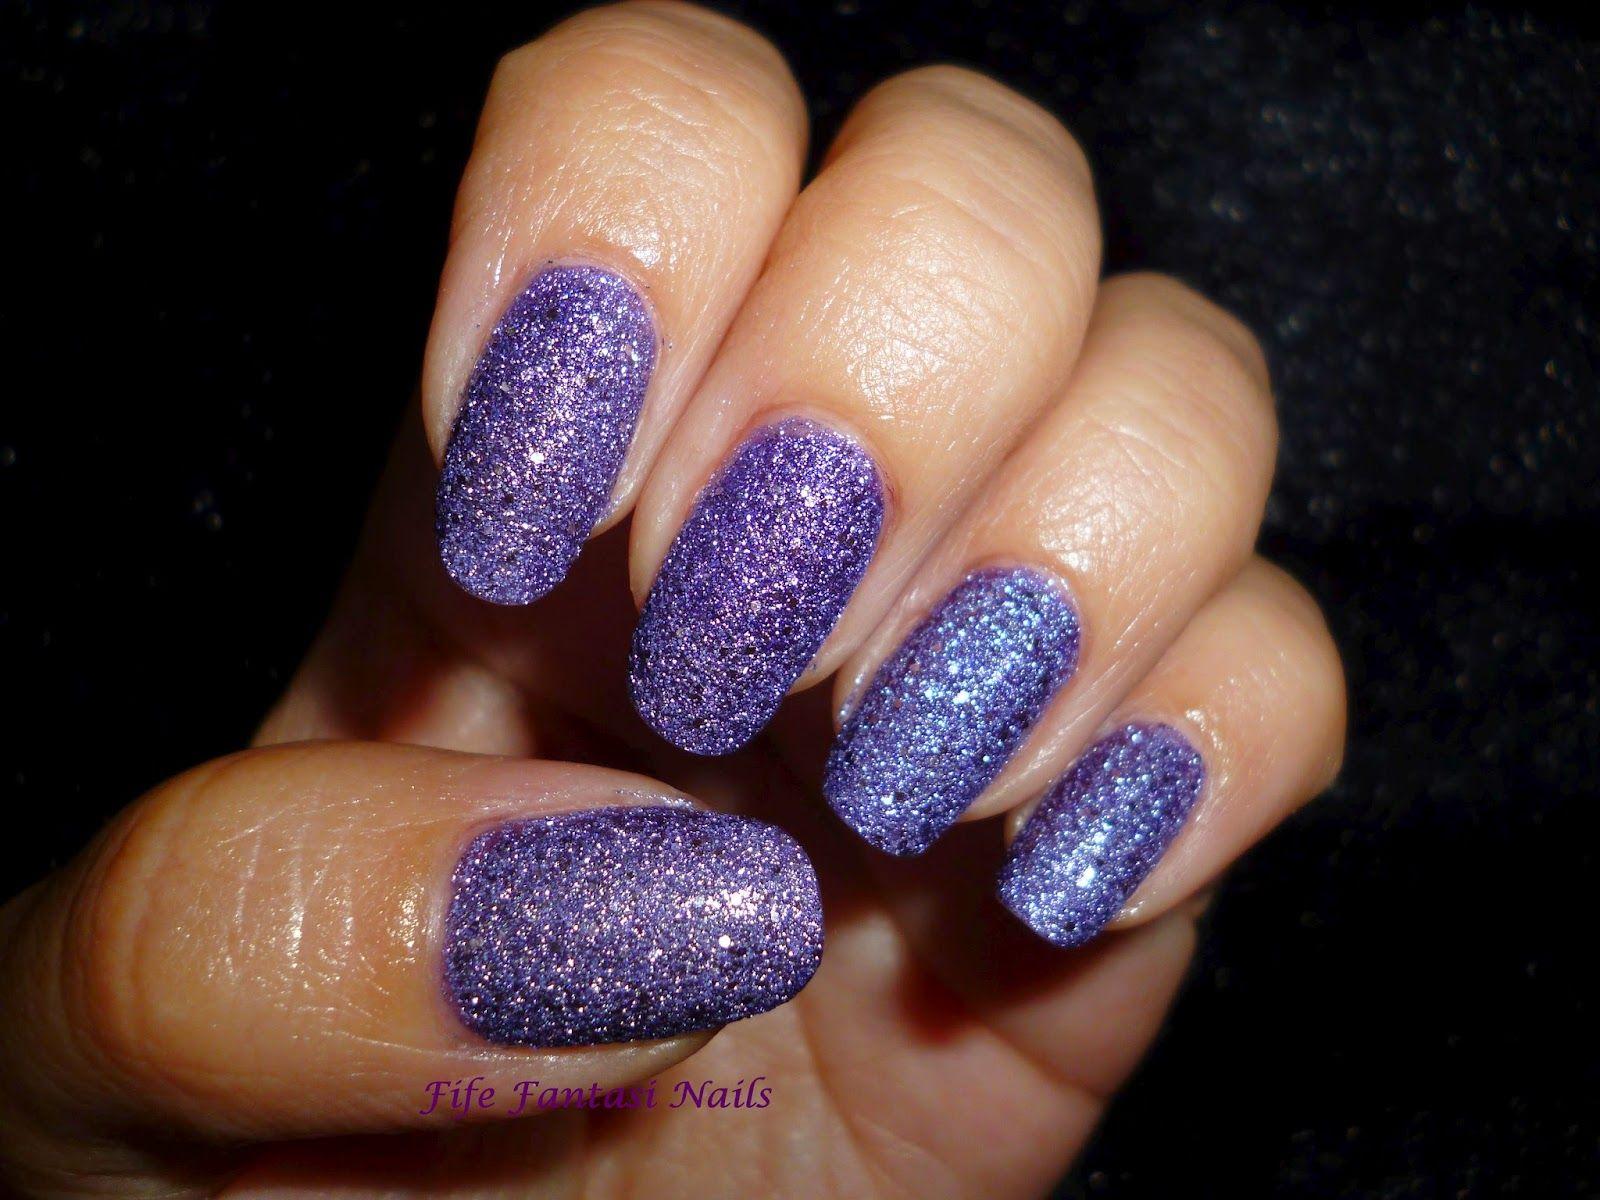 Fife Fantasi Nails : Meteorite magic